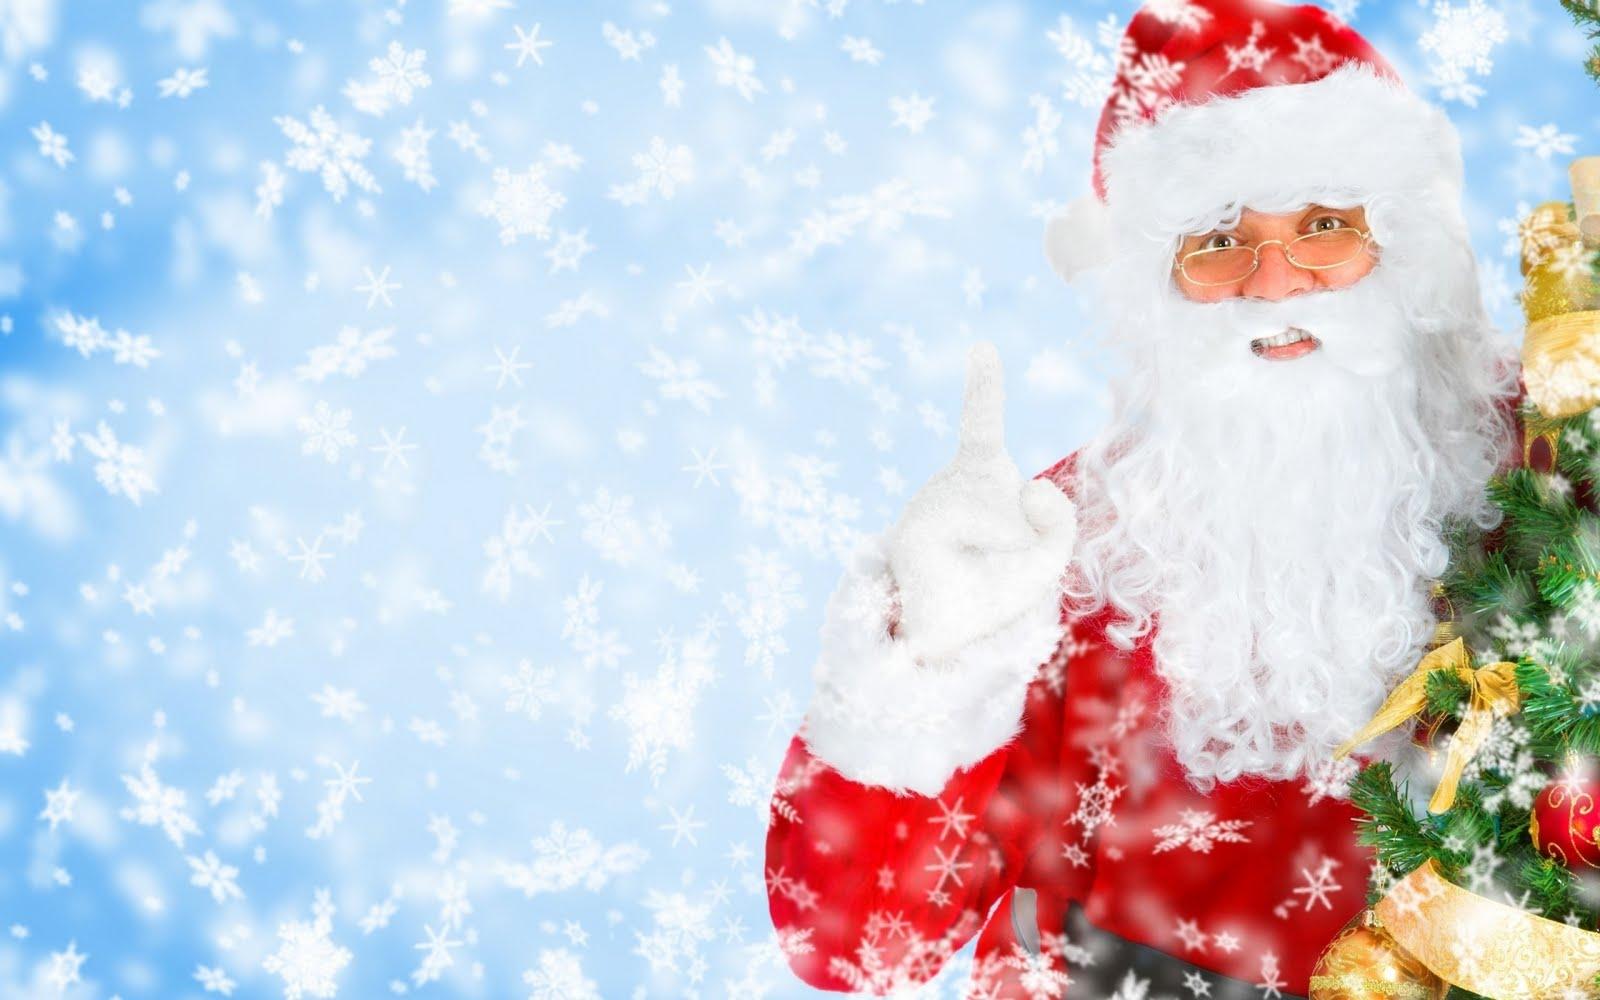 Imagenes de Navidad: Papa Noel y Santa Claus